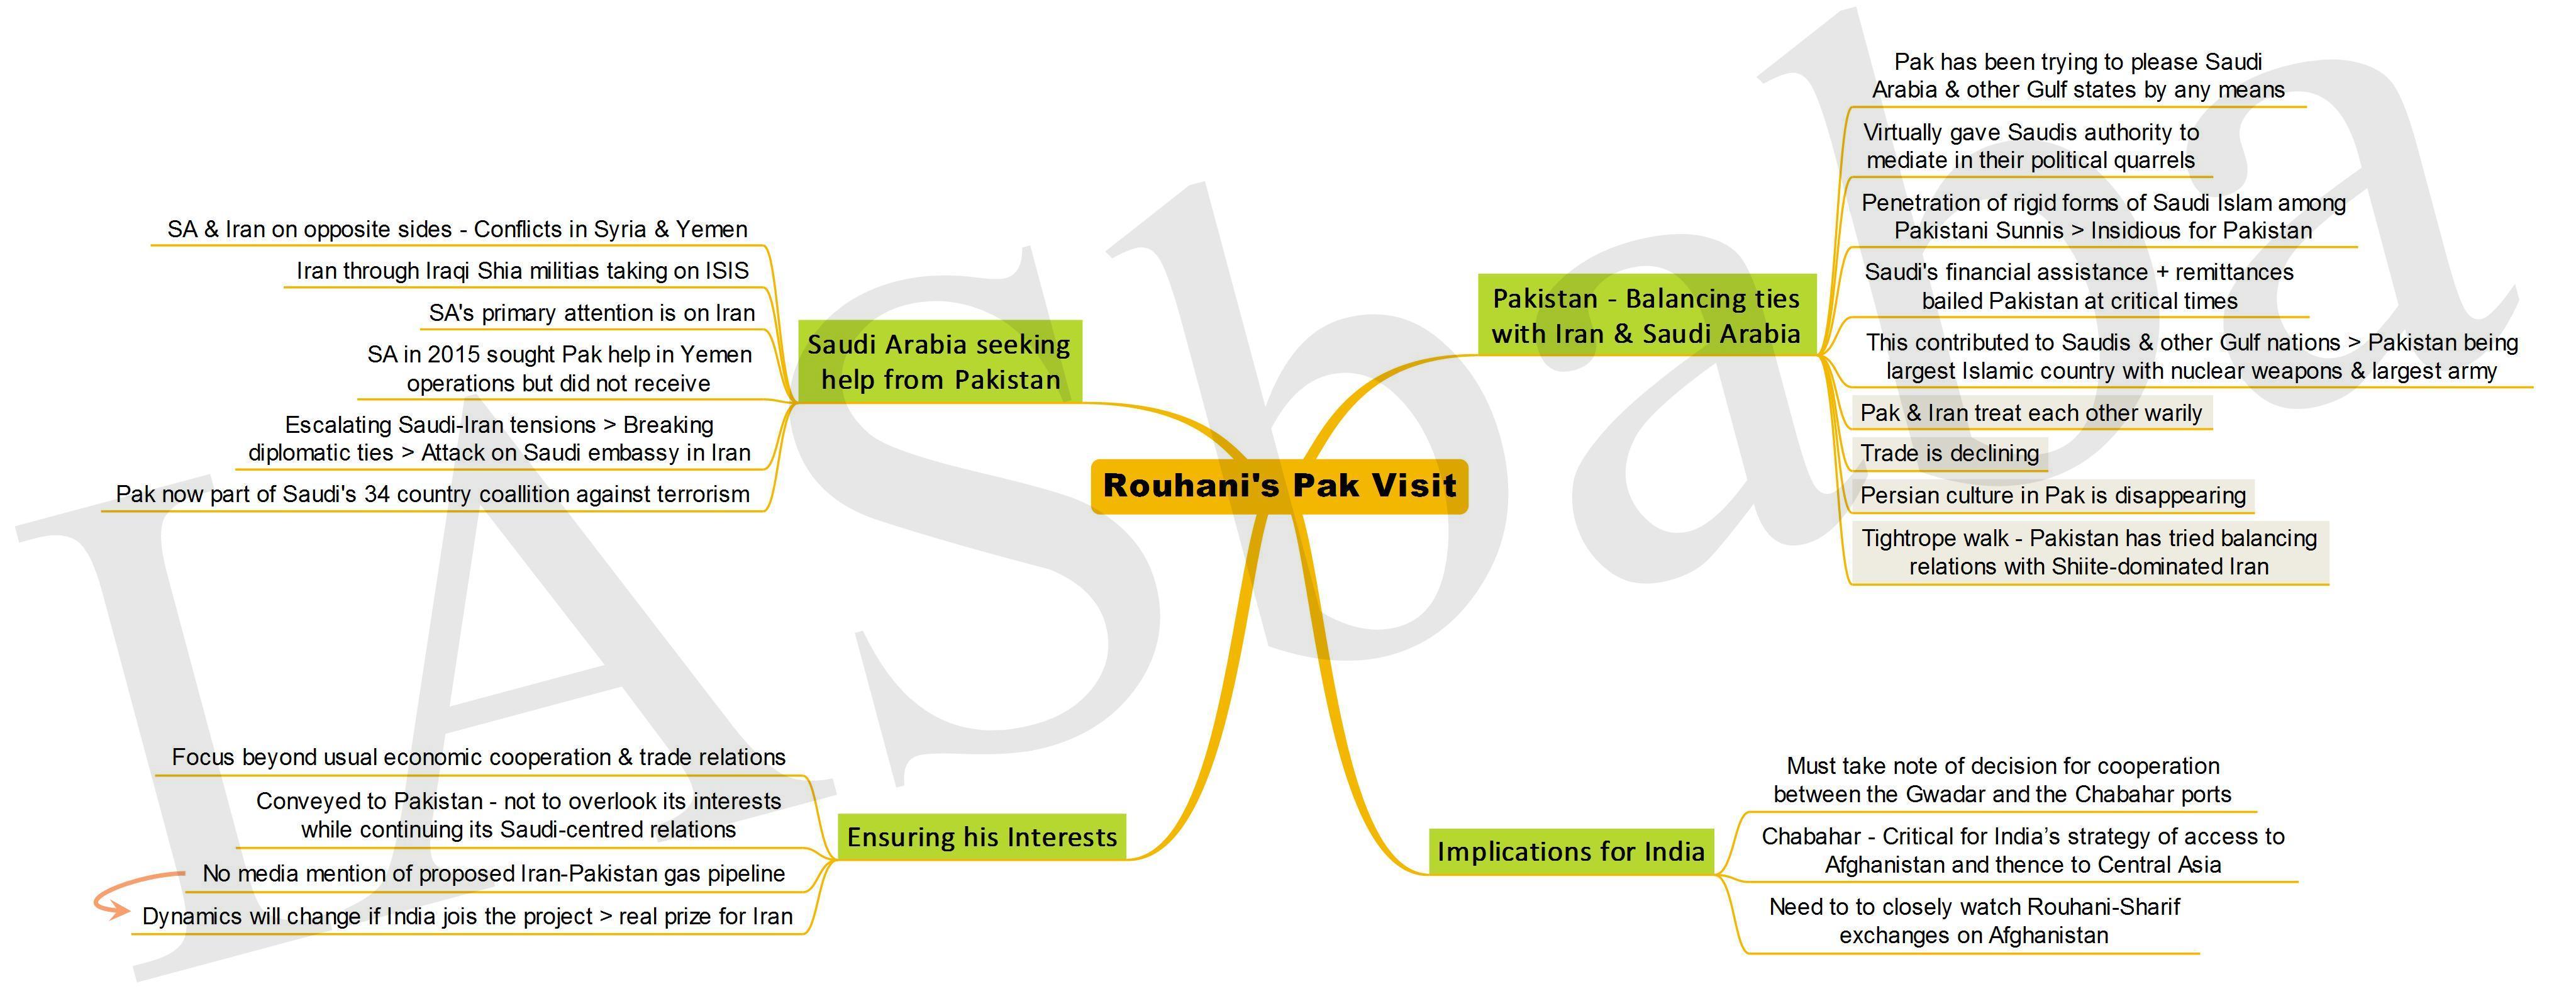 Rouhanis Pak Visit-IASbaba